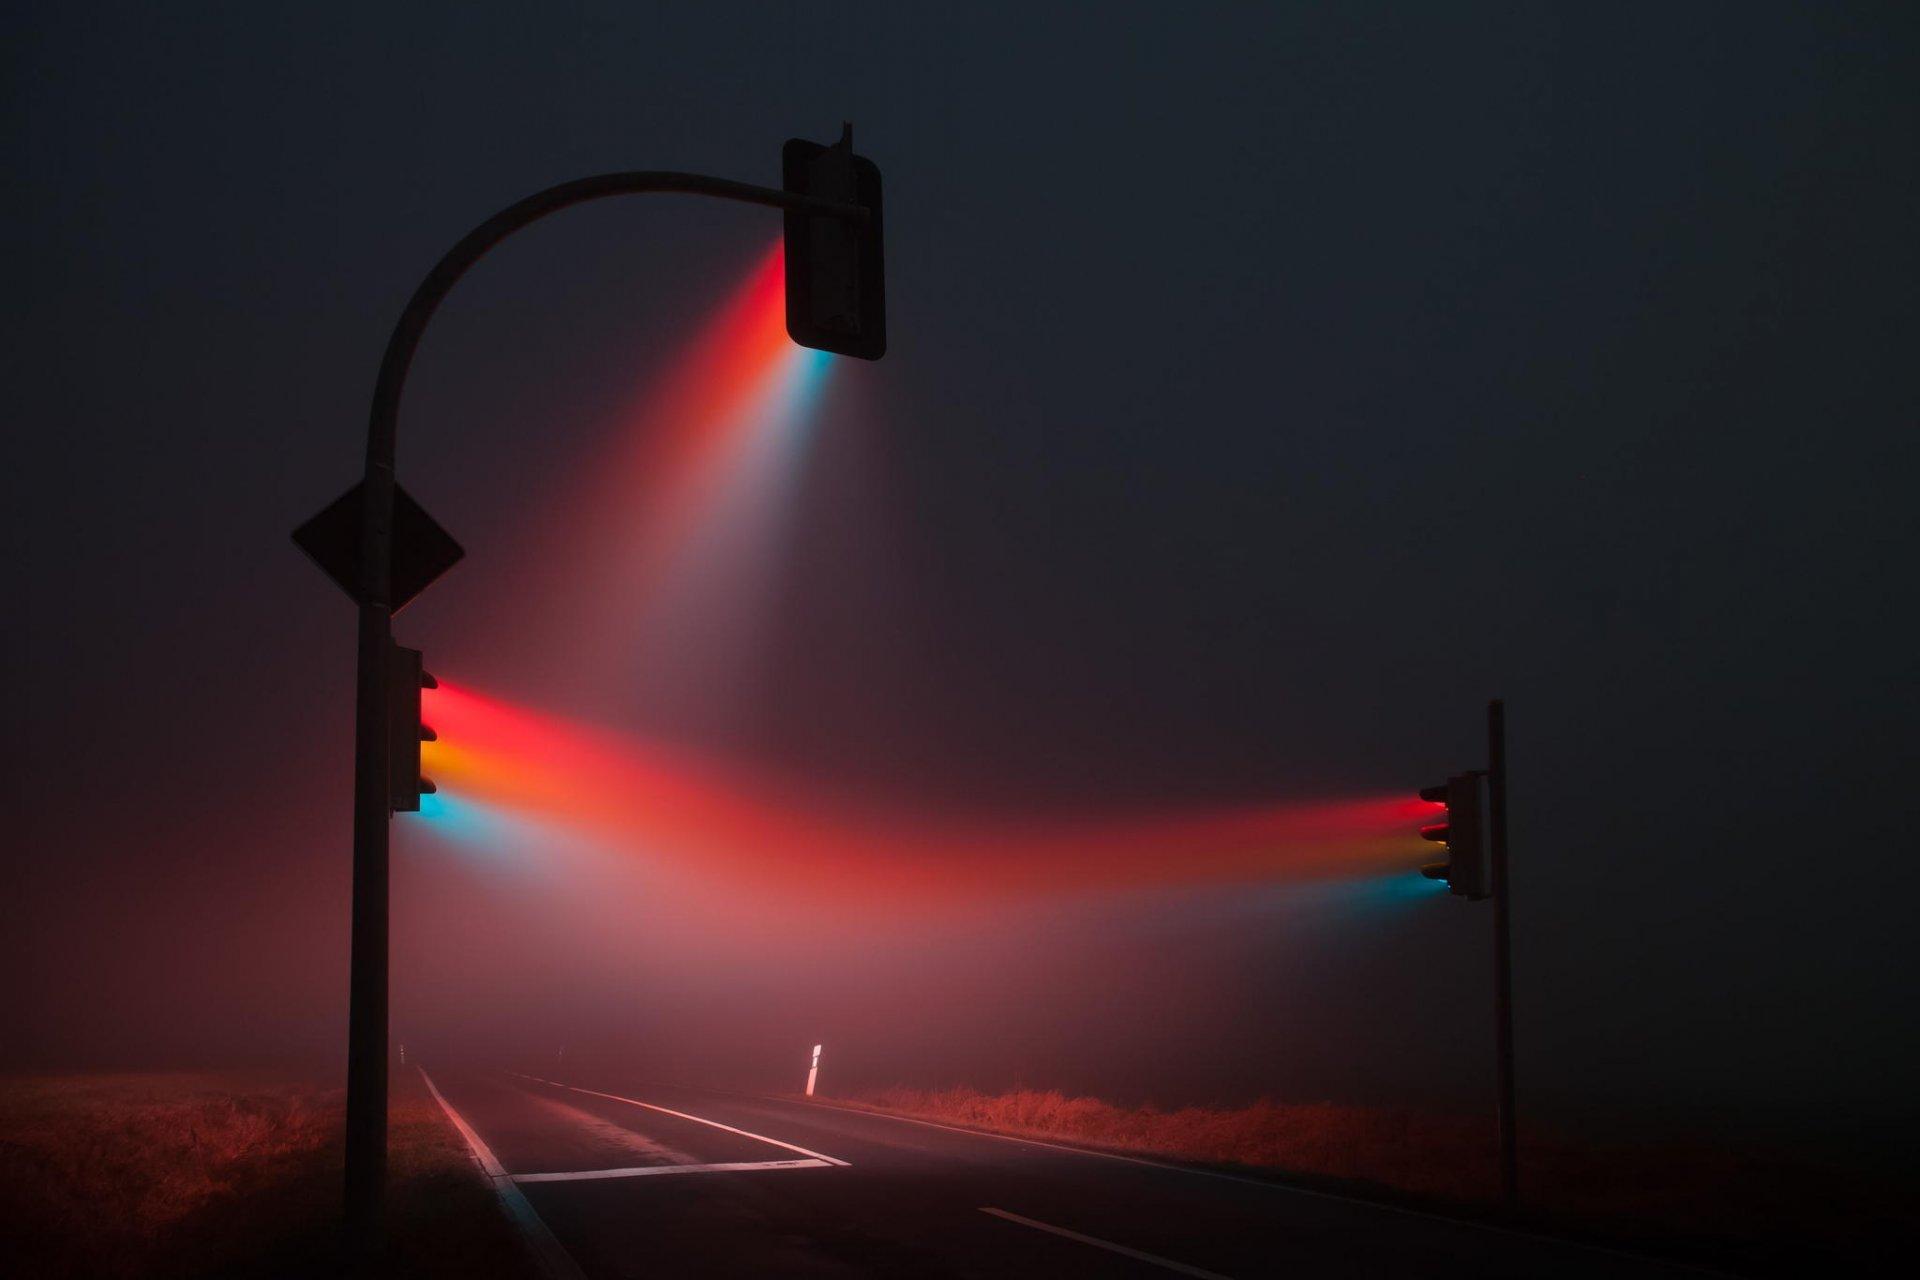 Обои разное, дорожный знак, размытие, Светофор, велосипед. Разное foto 8